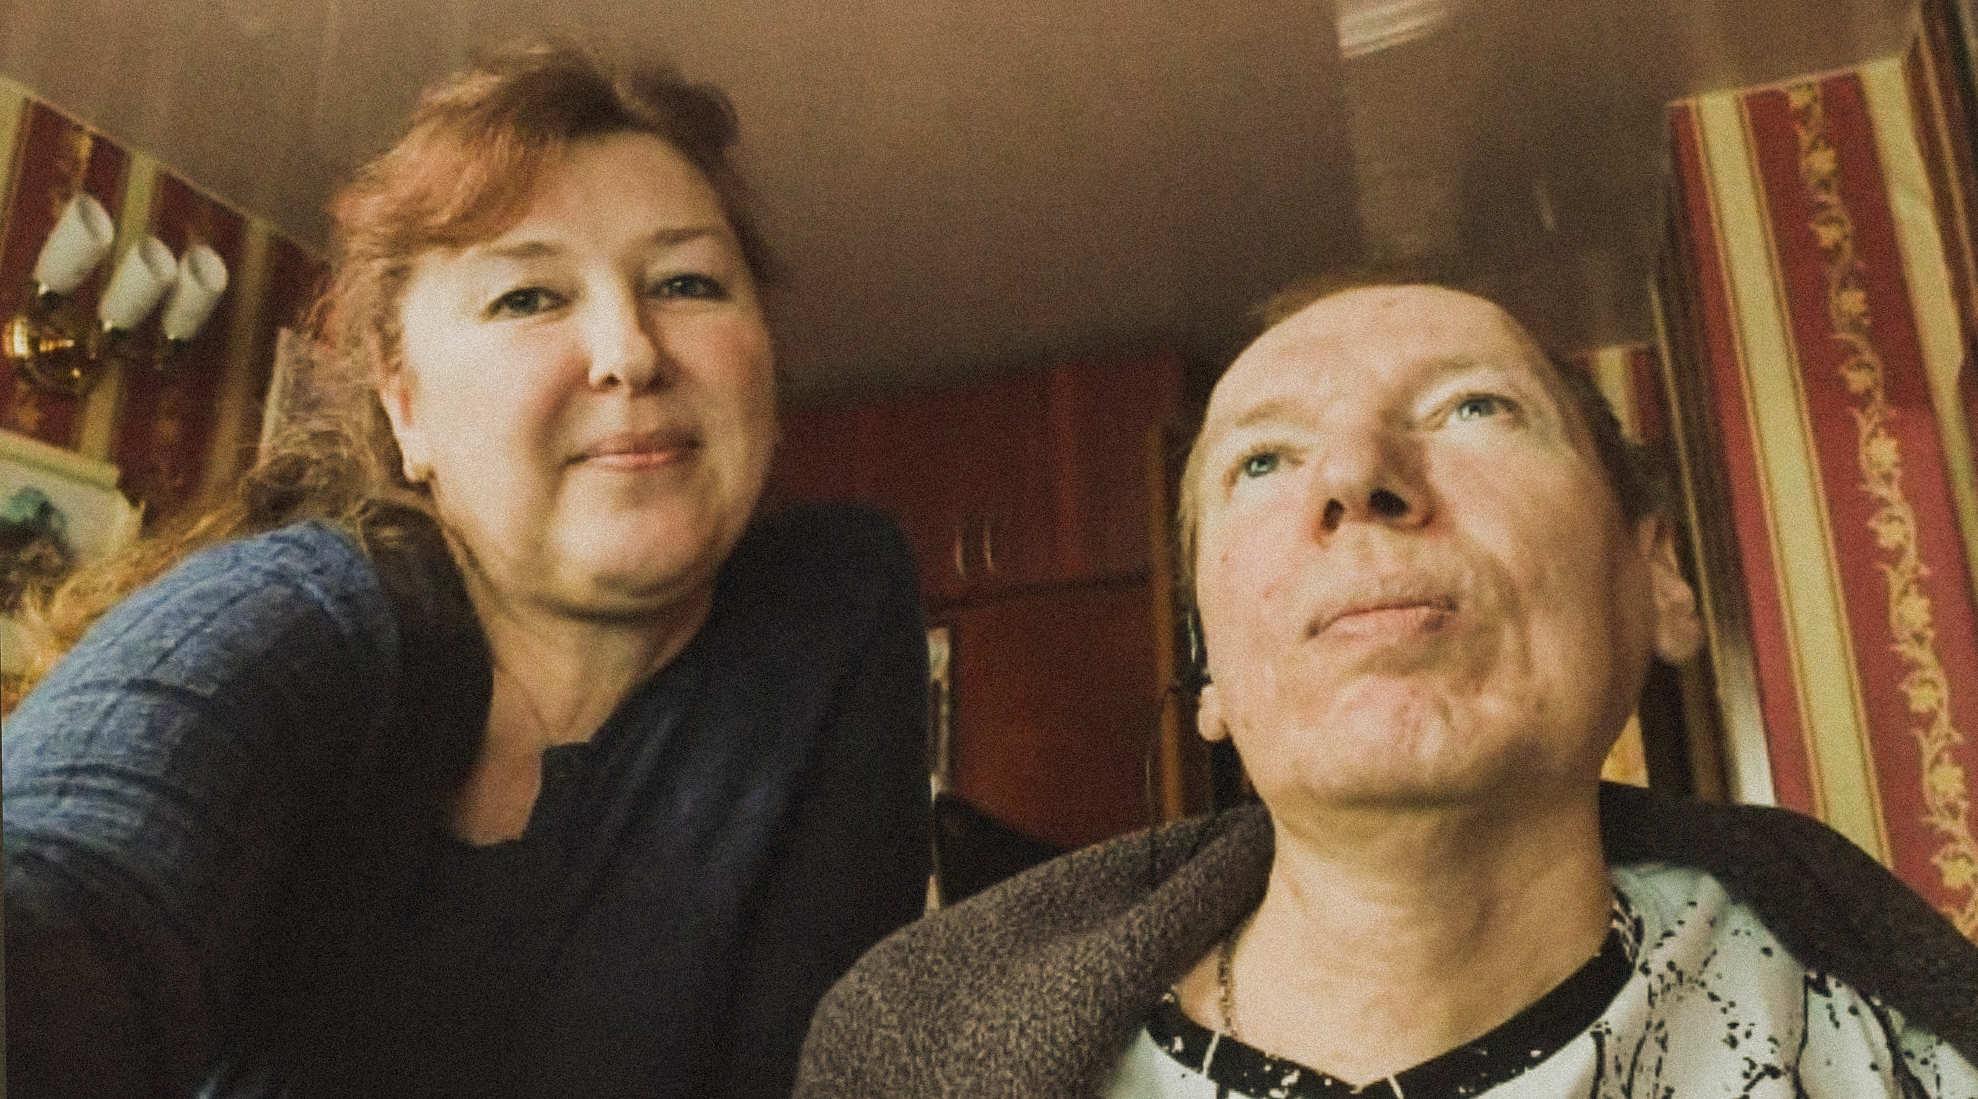 «Как, вы еще живы?» 45-летний Виктор и его старшая сестра со СМА стали первыми взрослыми белорусами, кто получил лечение новым лекарством